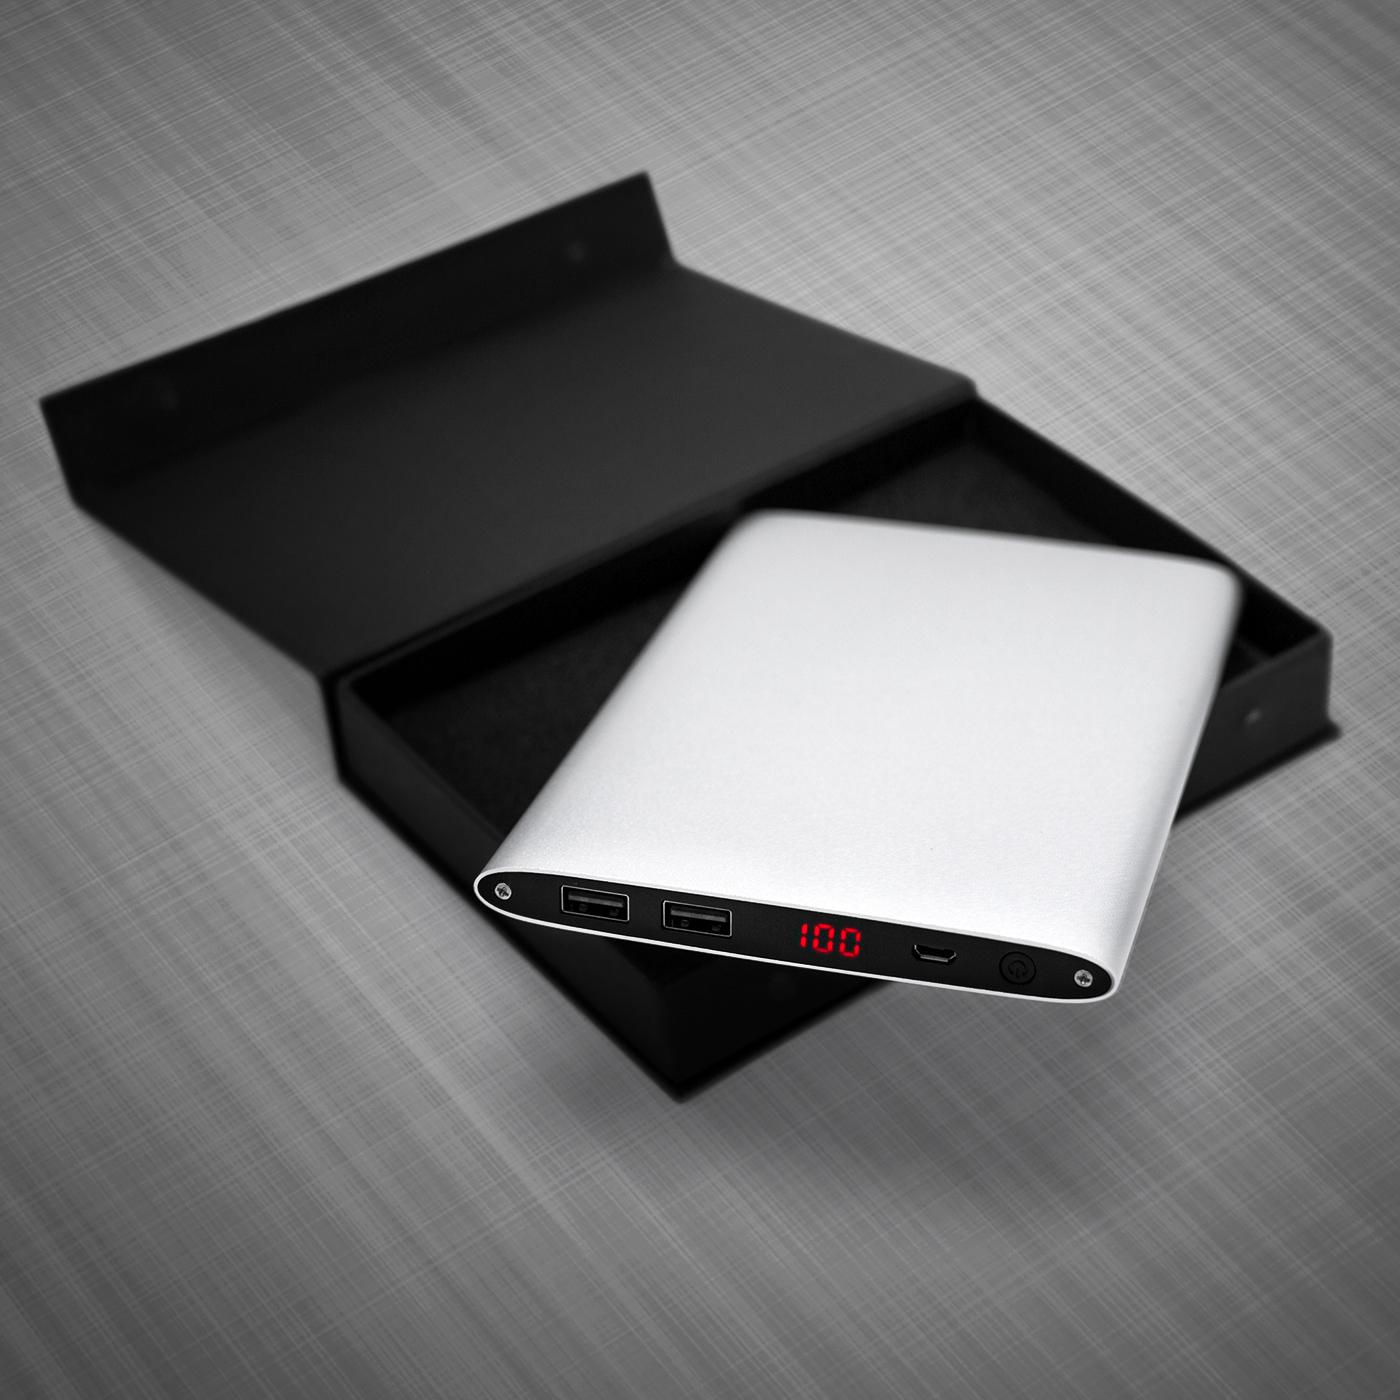 precorn onlineshop zusatzakku handyzubeh r externe akkus notfall batterie urlaub reisen. Black Bedroom Furniture Sets. Home Design Ideas